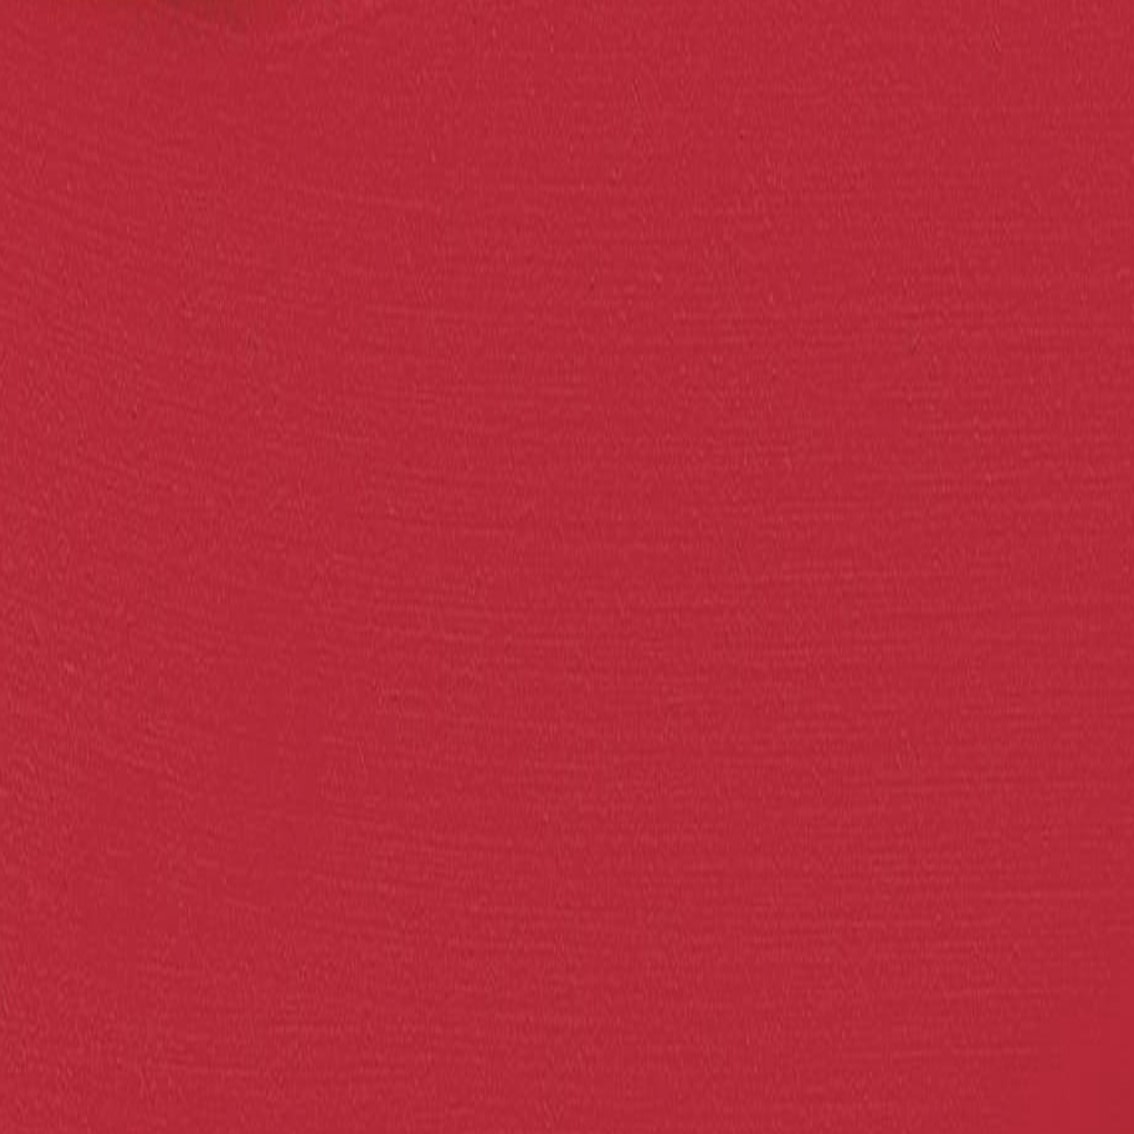 o Boticário Make B. Cremoso Red Unique - Batom 3,6g